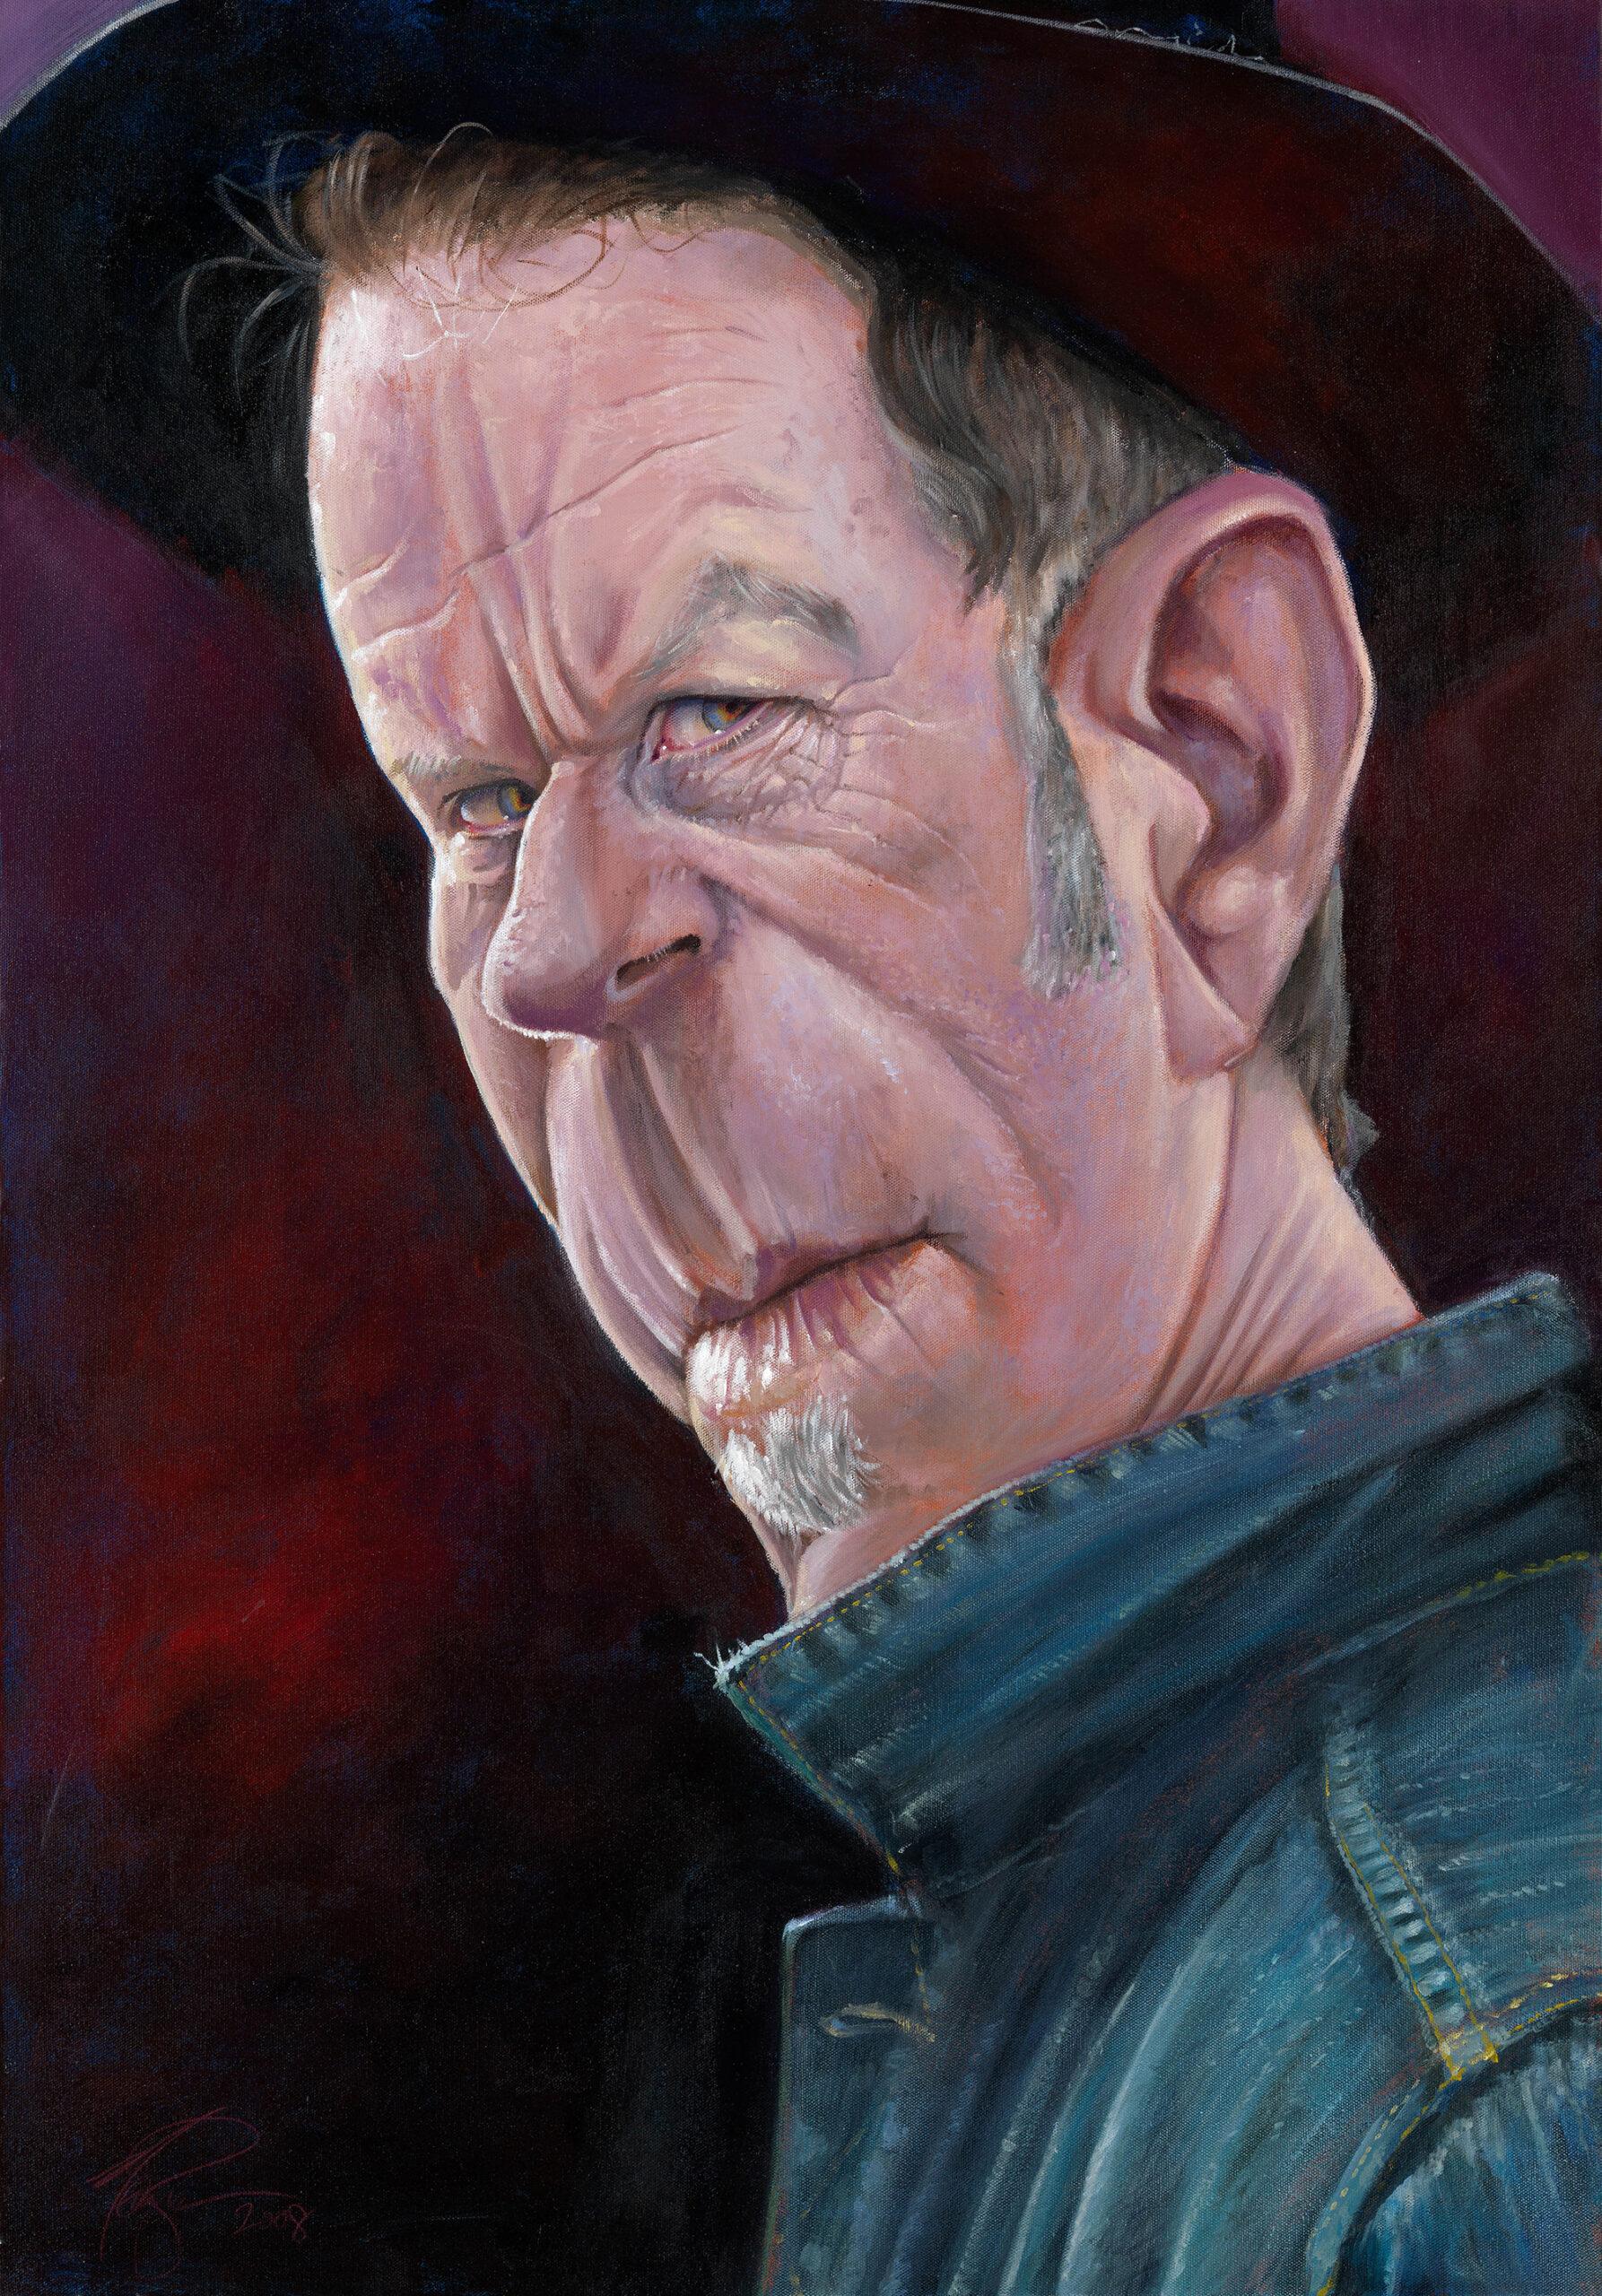 Tom Waits portrait by Derren Brown